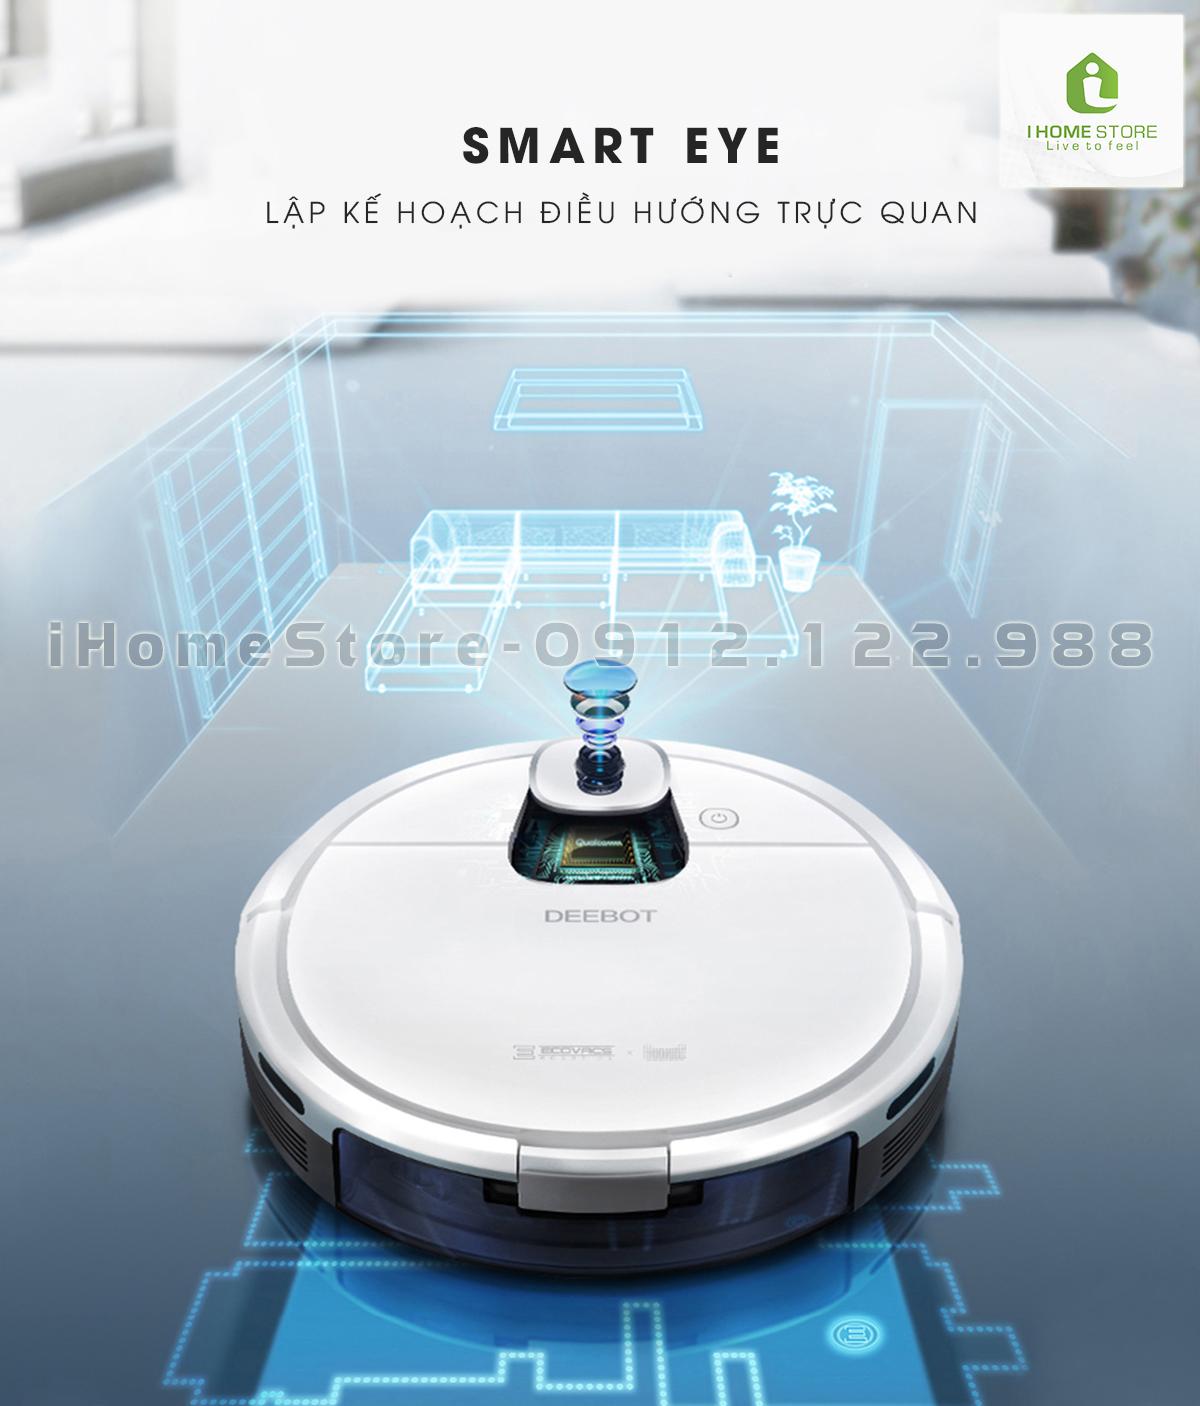 robot hut bui lau nha ecovacs deebot Dj35 - ihomestore.vn